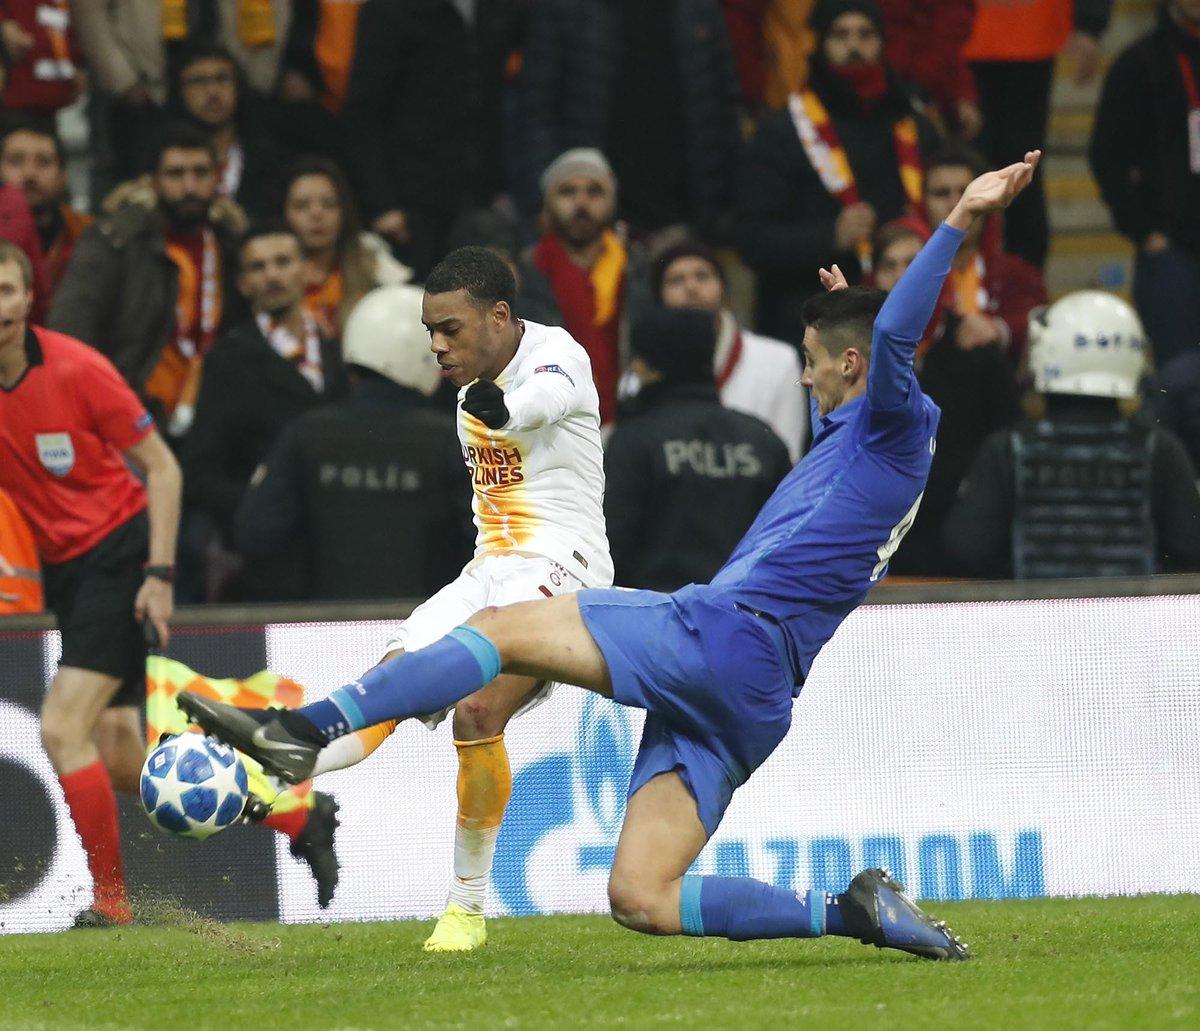 بورتو  يعود بالفوز من تركيا على حساب جالطة سراي 27